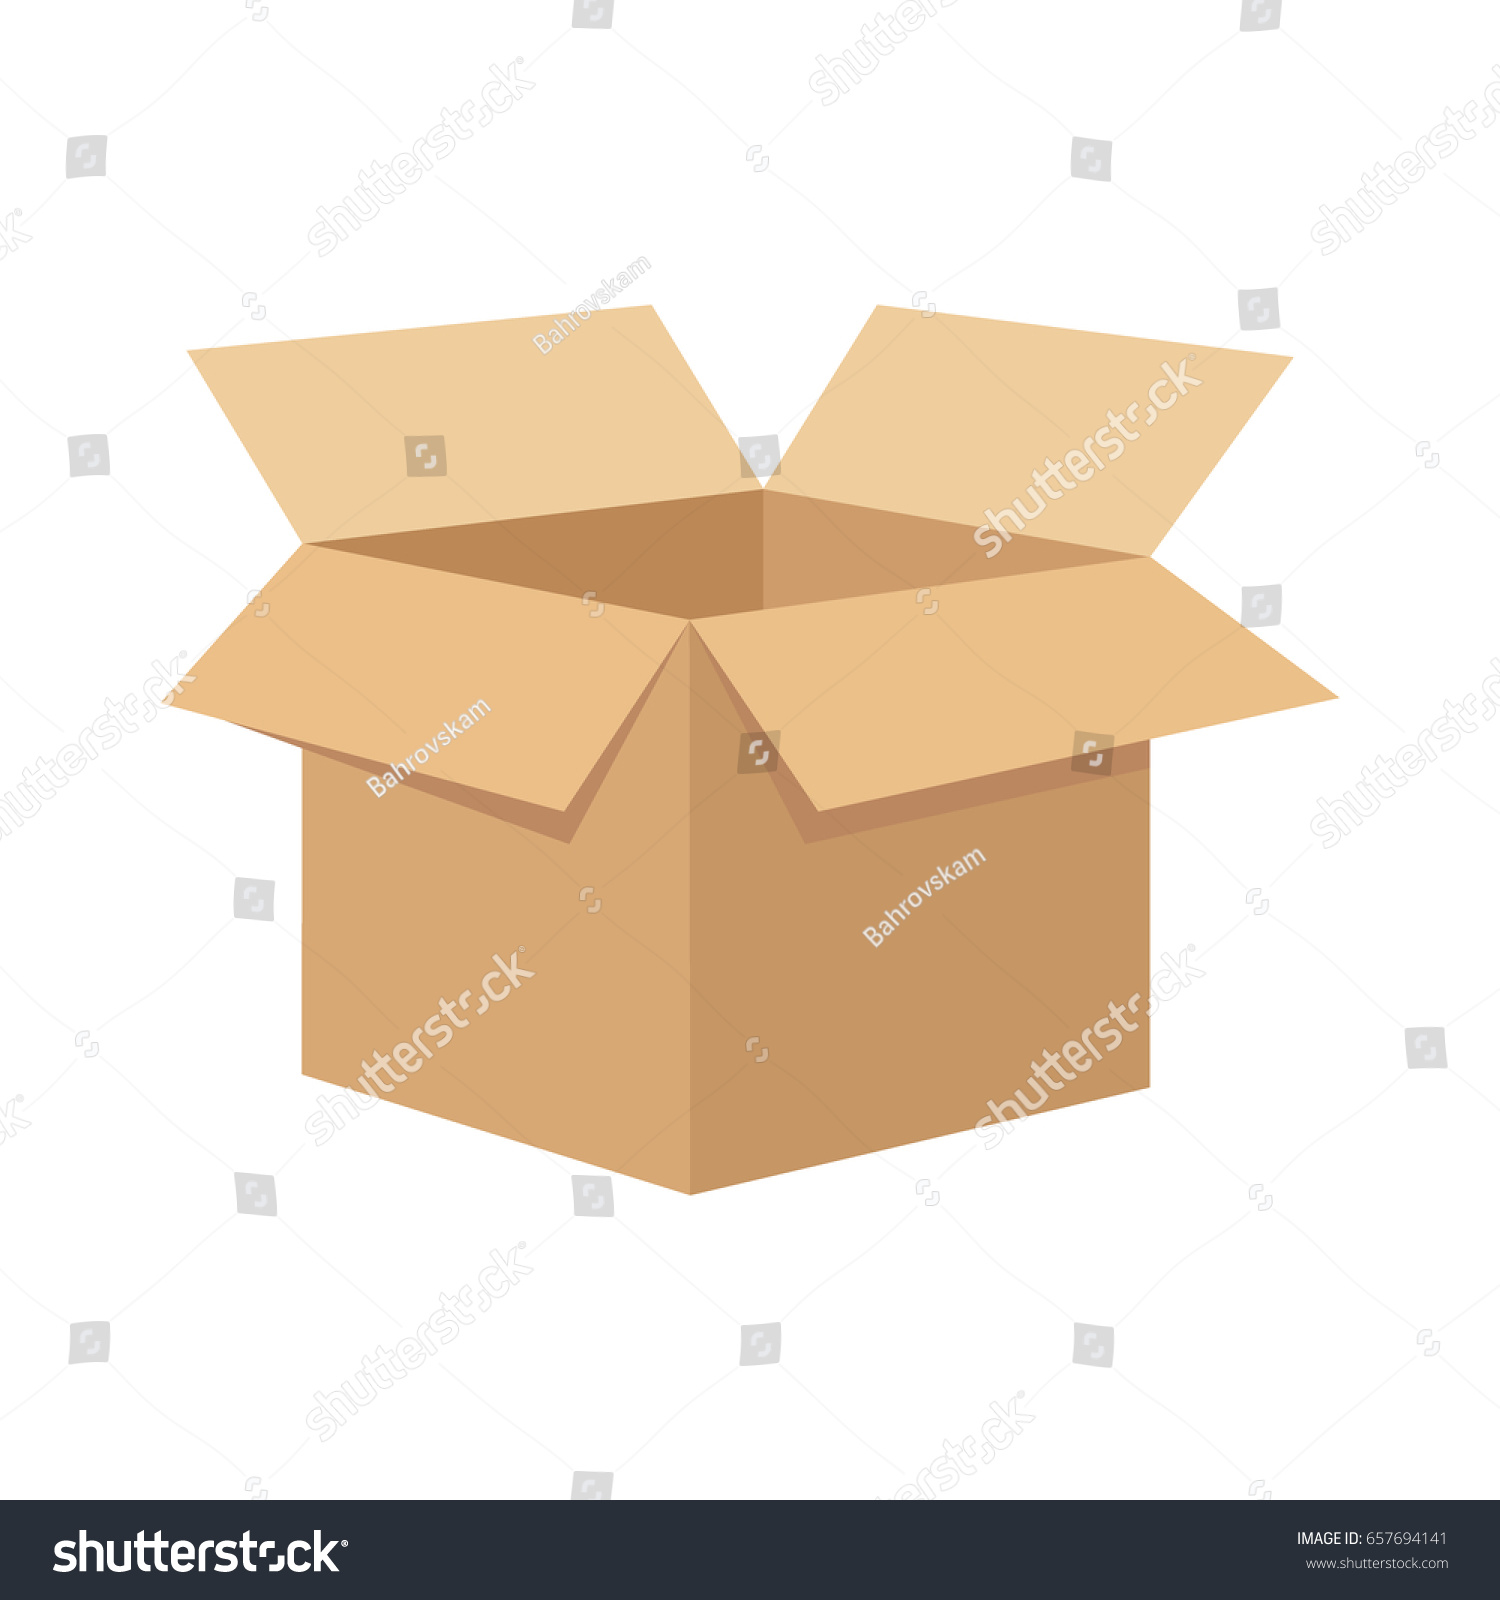 Open flat box. #657694141